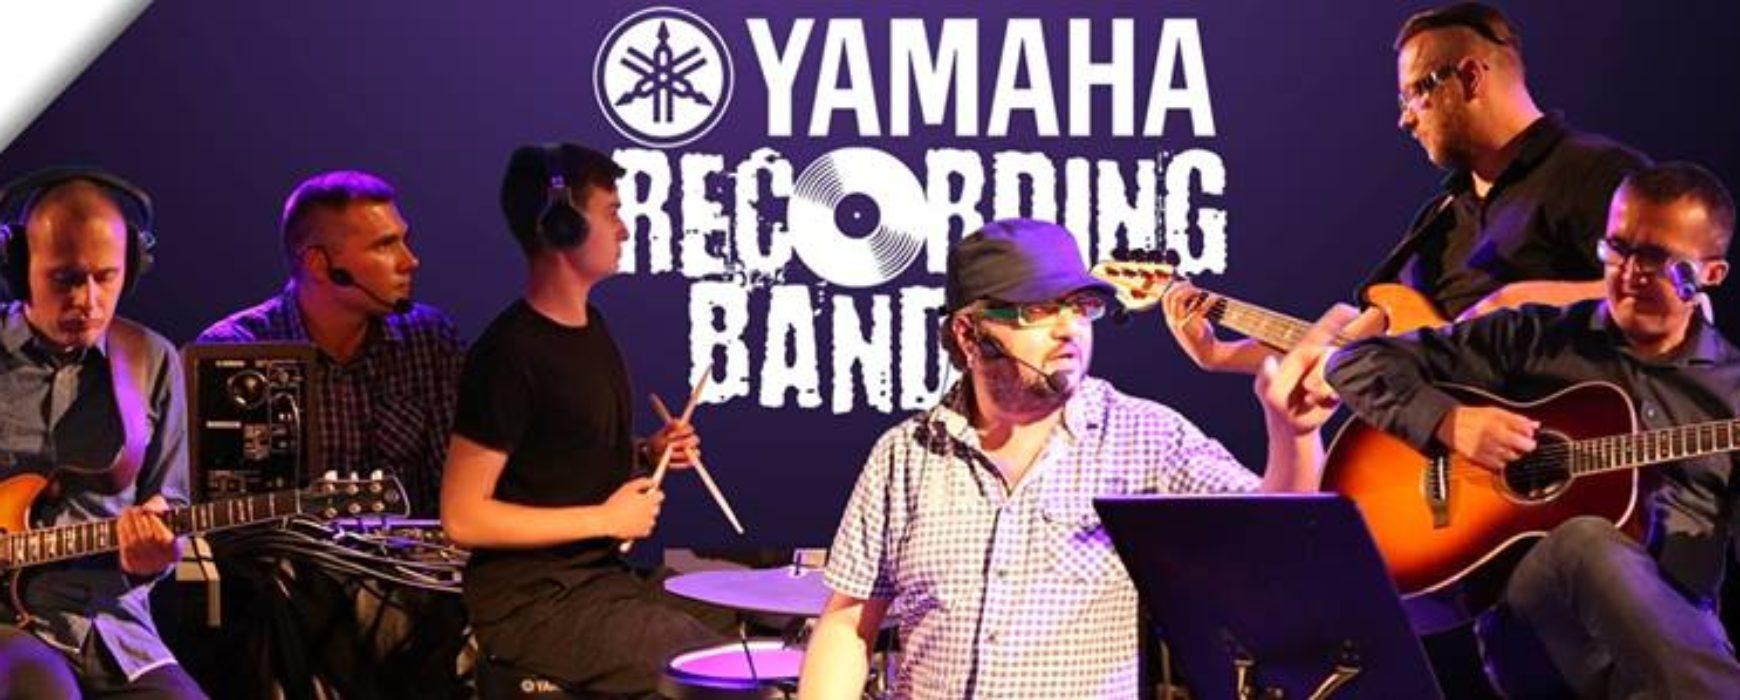 Yamaha Recording Band – 22 lutego 2017r.